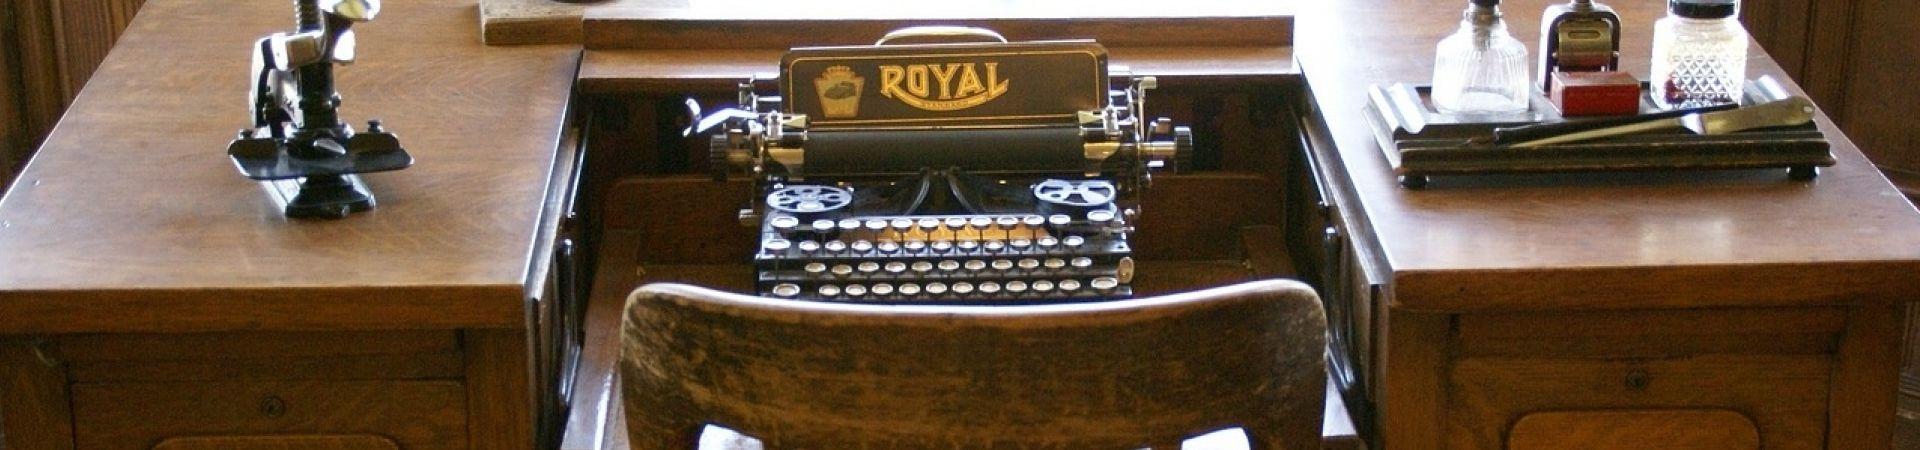 Typing-typewriter-vintage-antique-desk-typewriter-663487